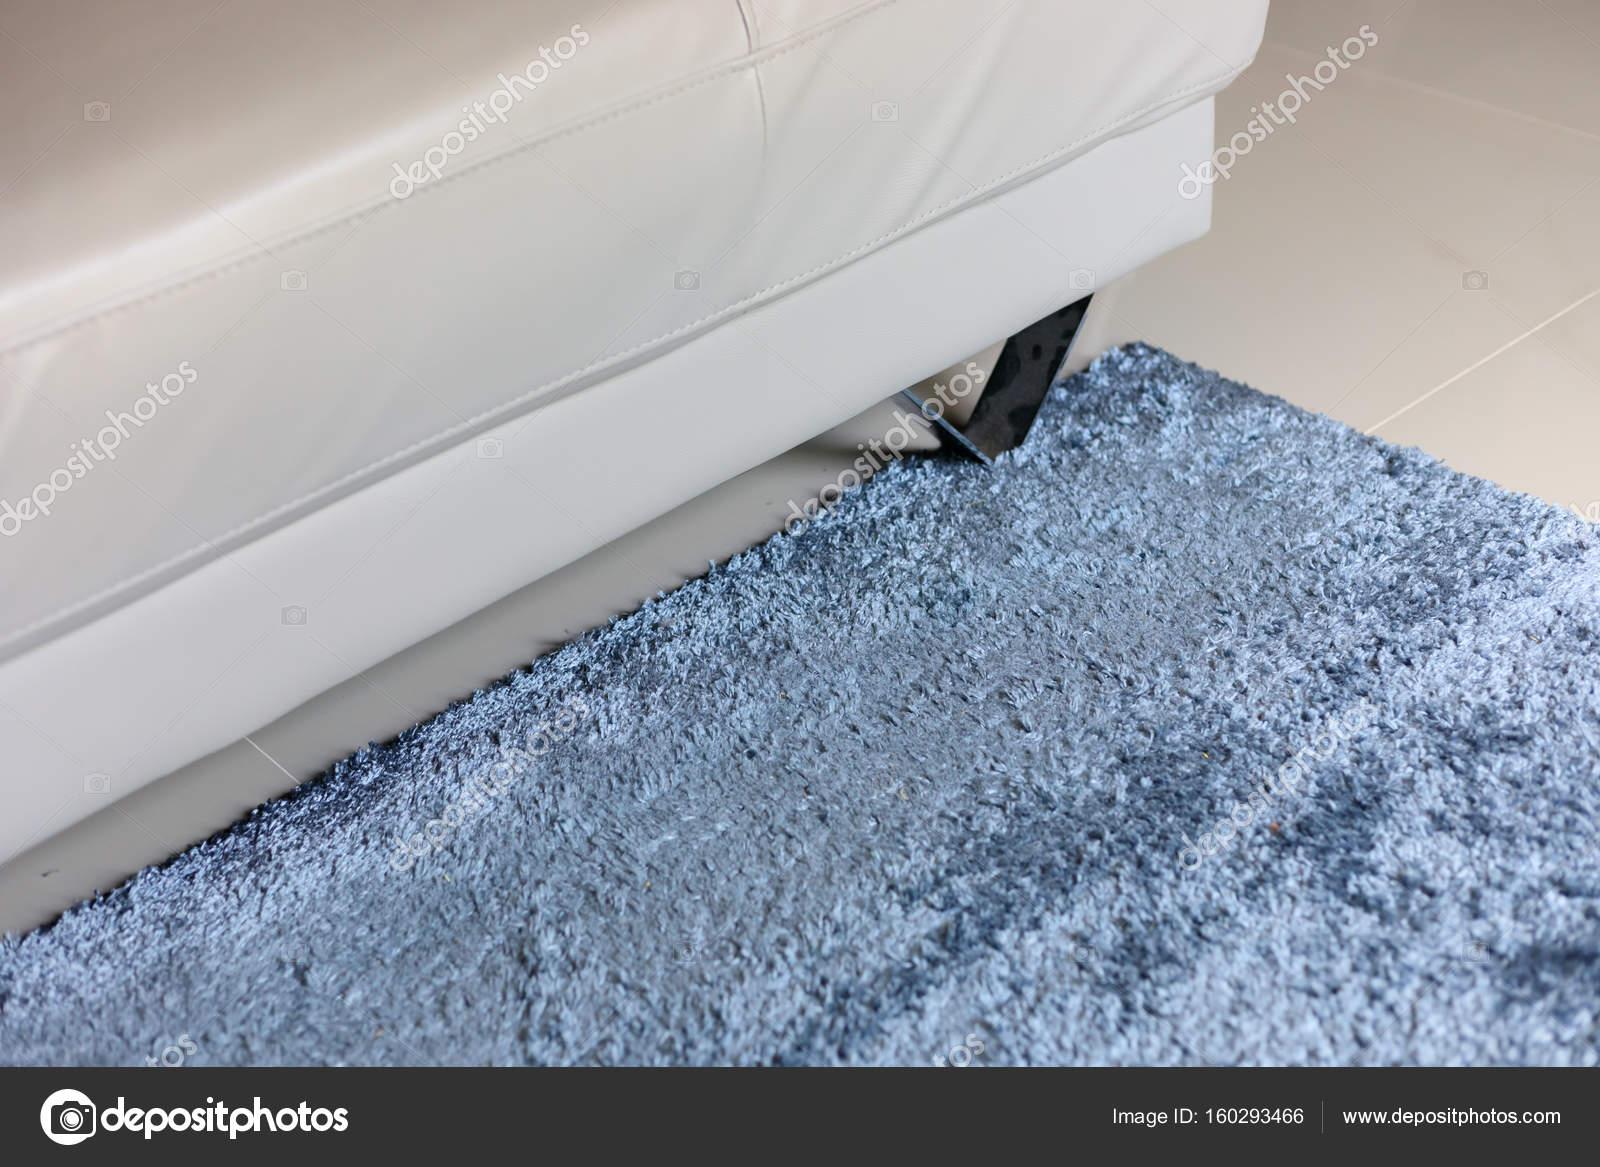 blauer Teppich Weichheit Textur Dekoration Boden innen Haus ...